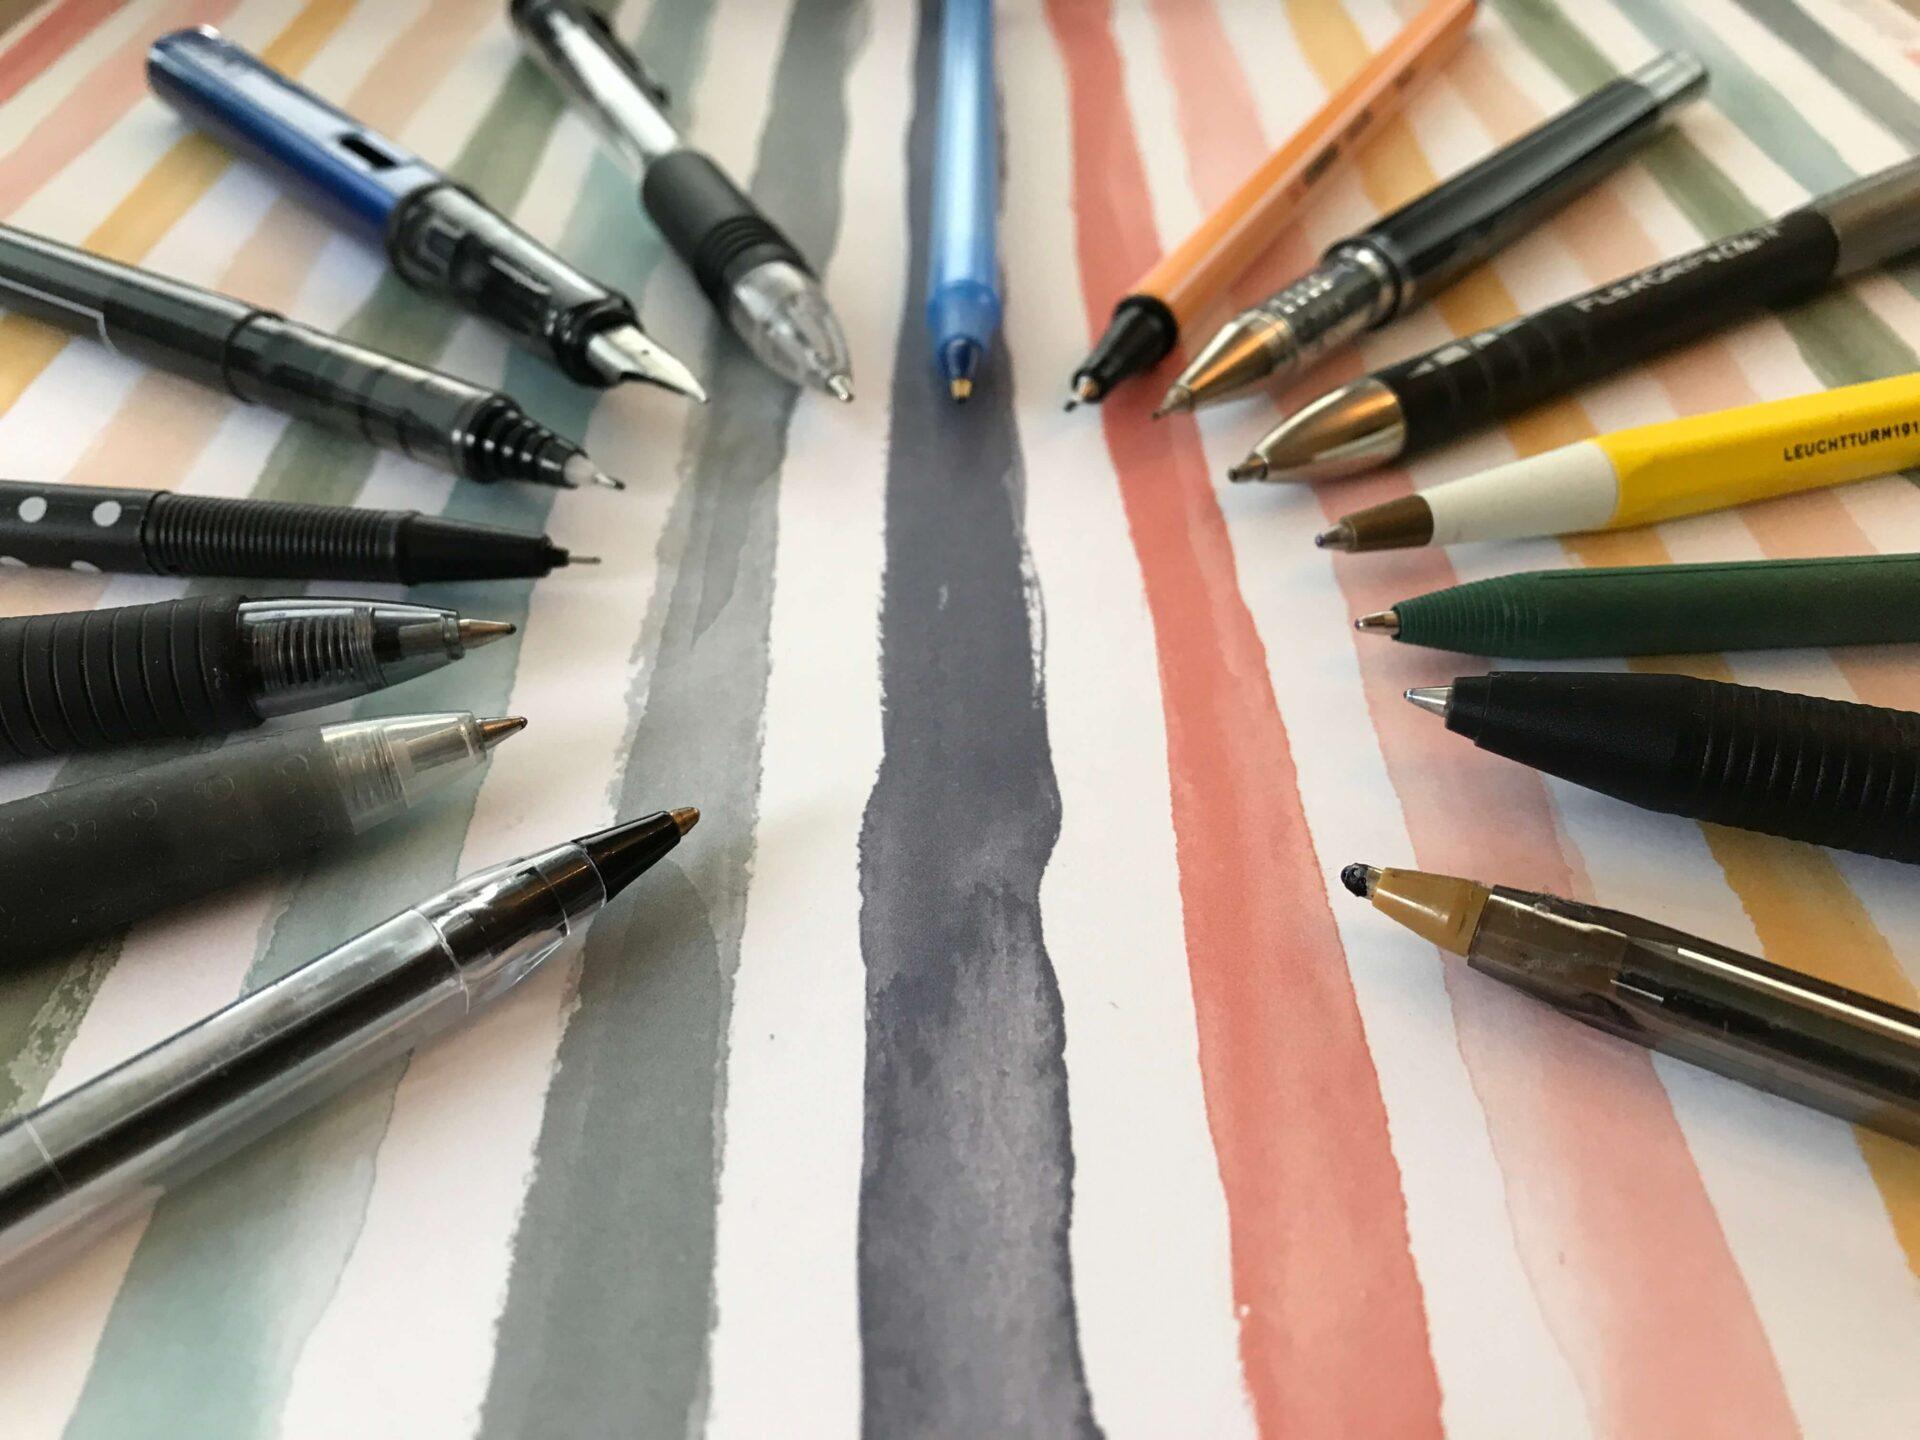 Długopisy (i pióra) mają bardzo różne końcówki!